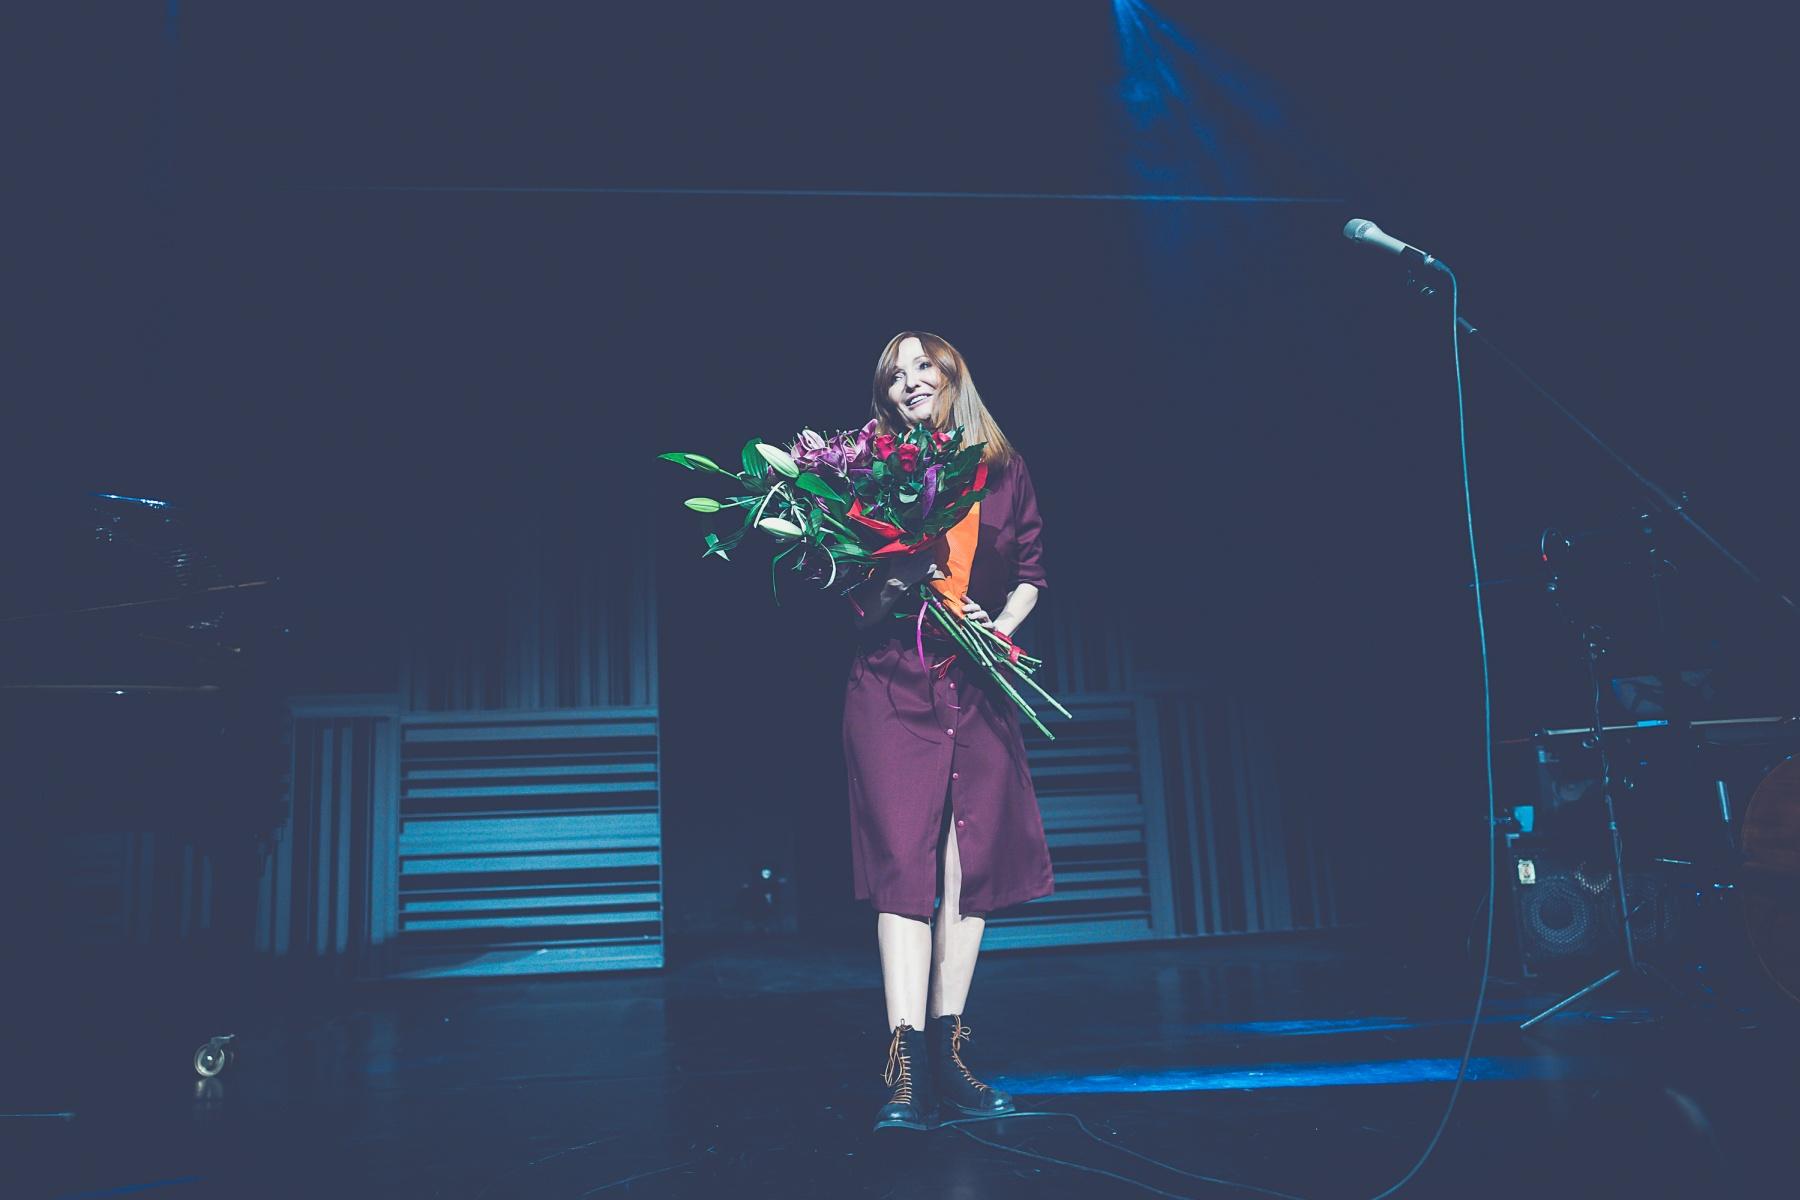 Justyna Szafran stoi uśmiechnięta na scenie, trzymając bukiet kwiatów – róż i lilii. Po prawej stronie mikrofon na statywie.